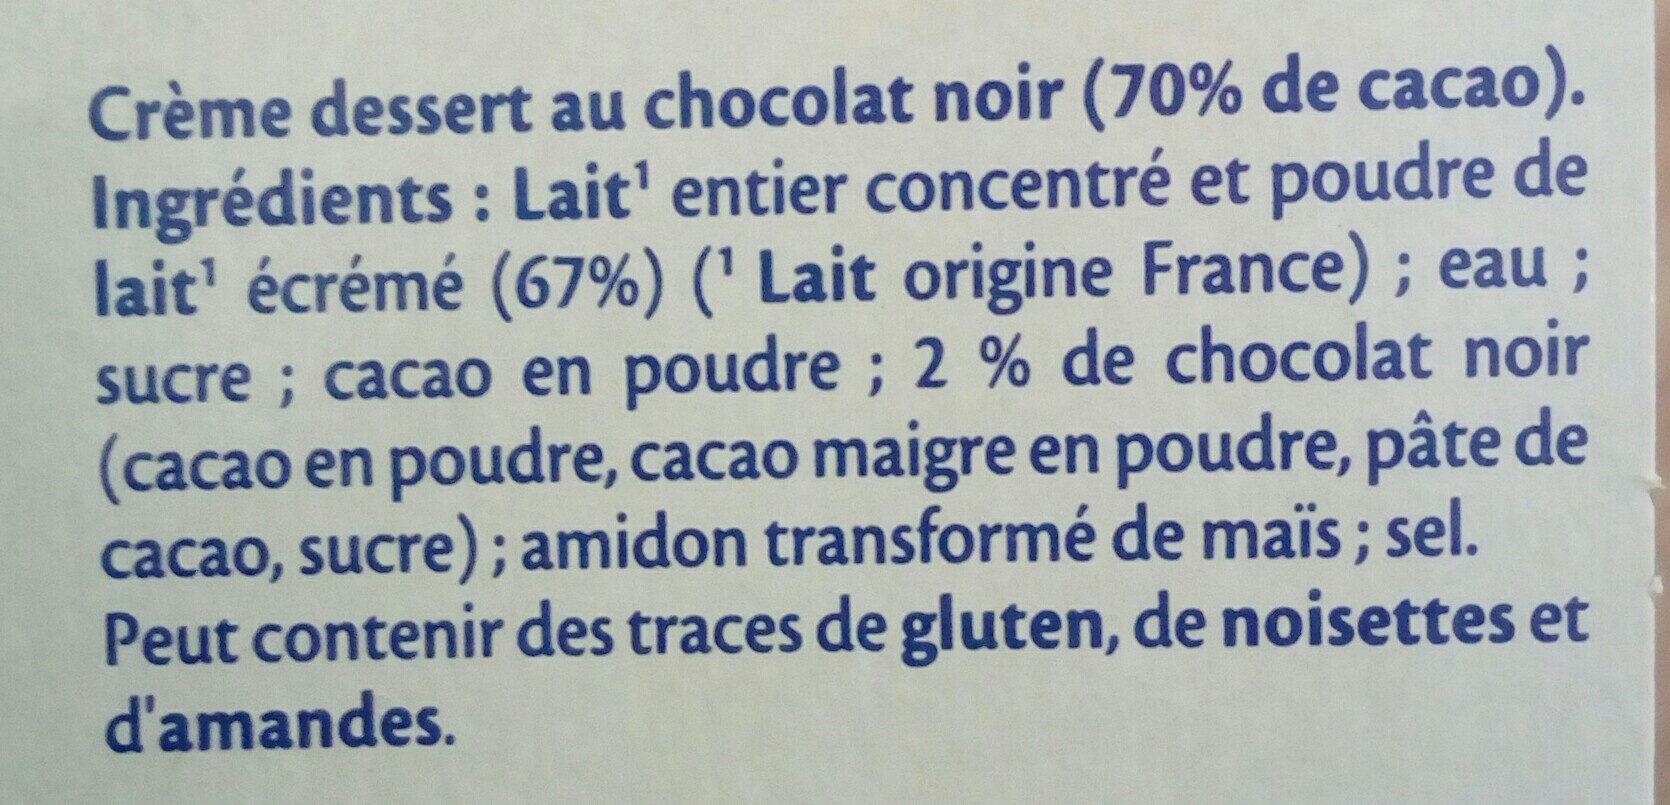 MONT BLANC Crème Dessert Chocolat Noir Extra - Ingrédients - fr